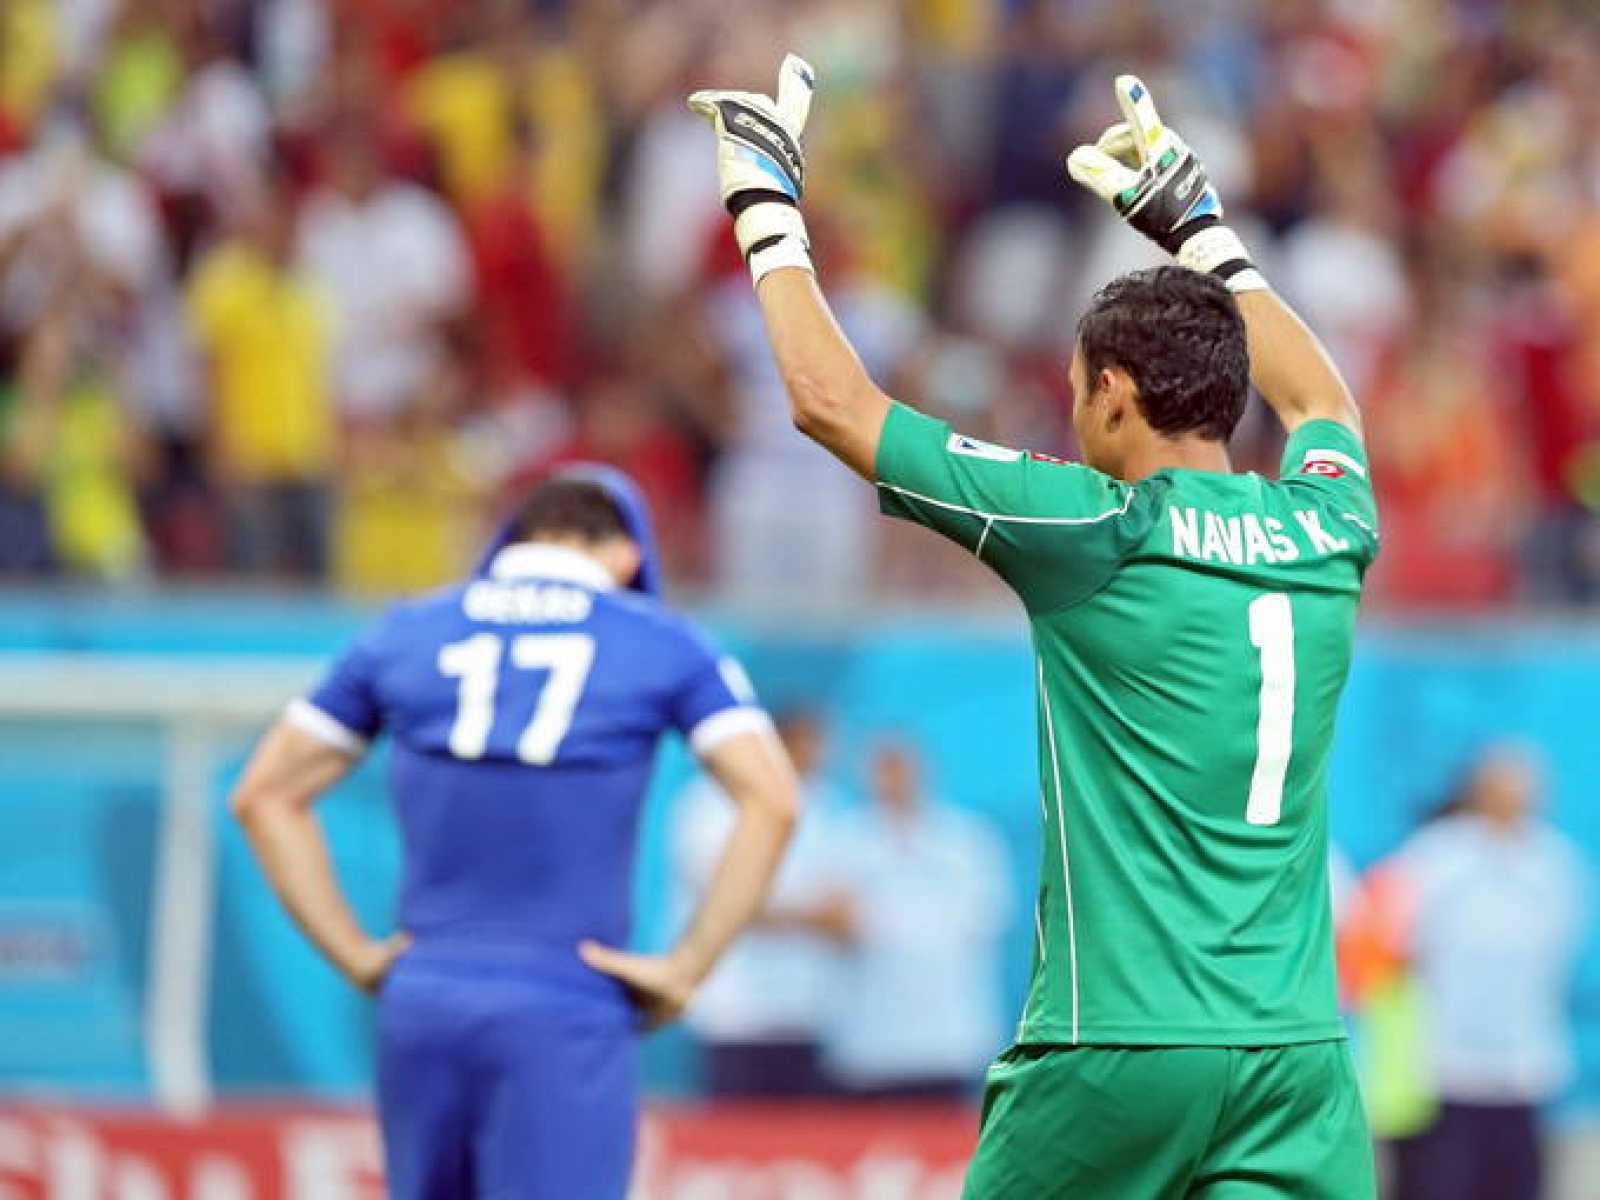 Imagen del 'MVP' del partido, el portero de Costa Rica Keylor Navas.